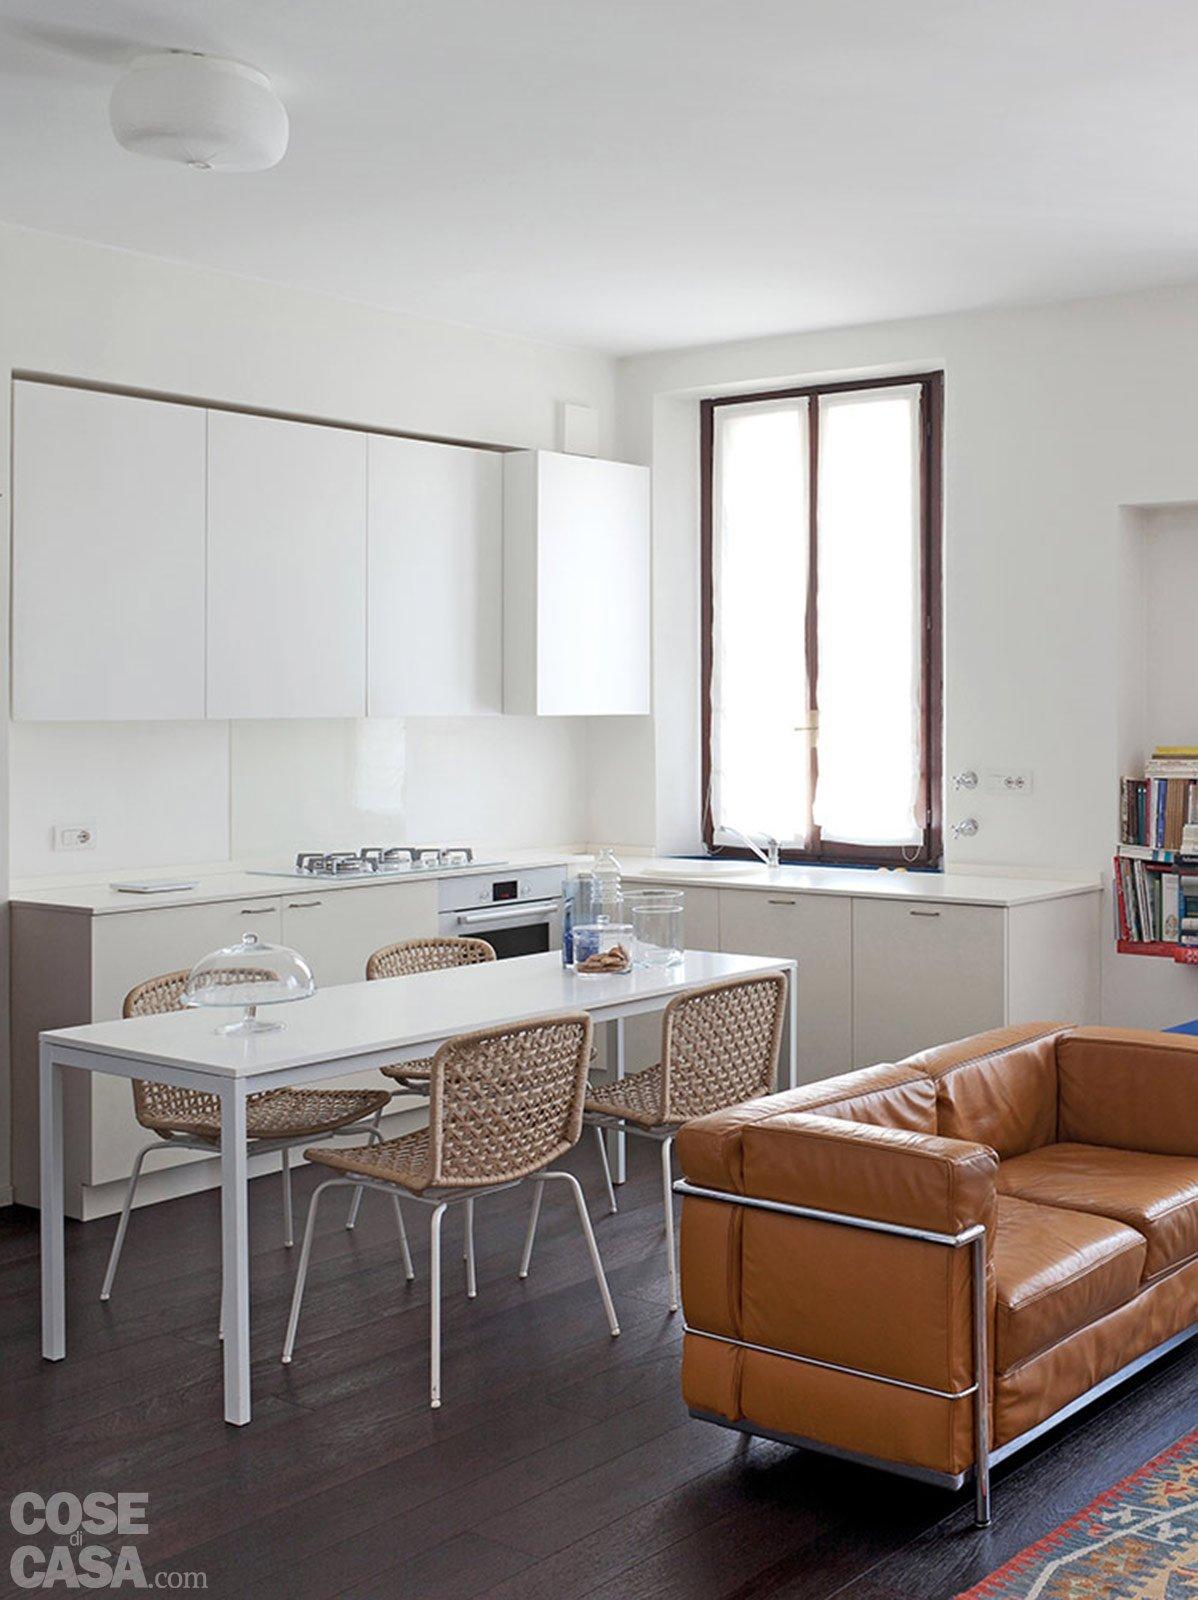 70 mq la casa migliora cos cose di casa - Arredare cucina soggiorno 20 mq ...